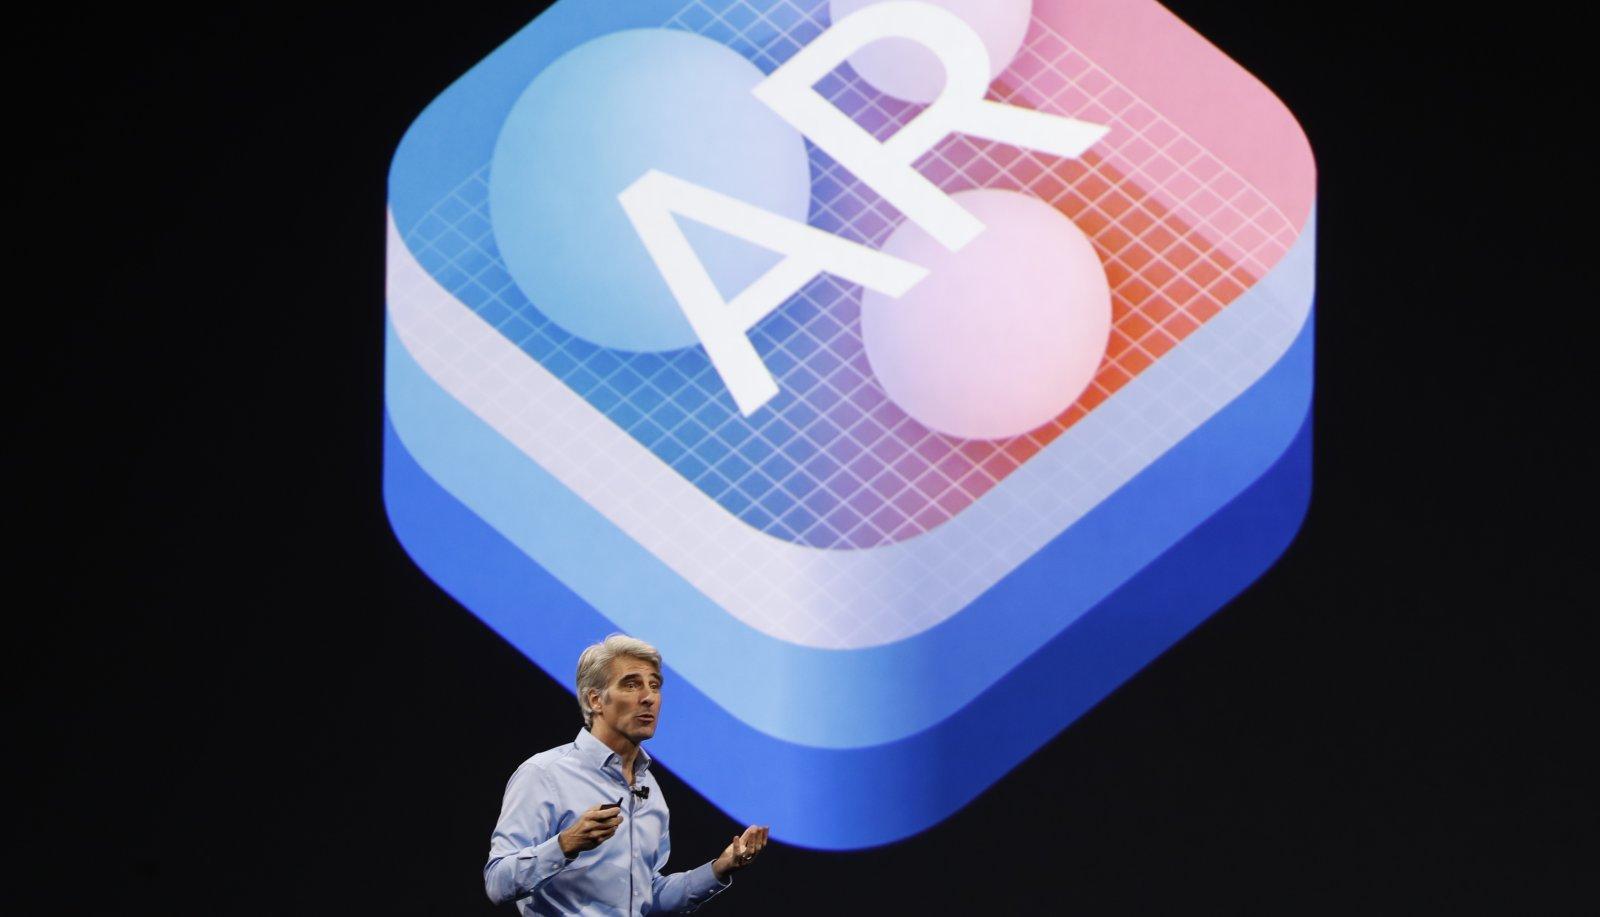 فایل iOS 13 تایید میکند اپل در حال تست یک هدست واقعیت افزوده است